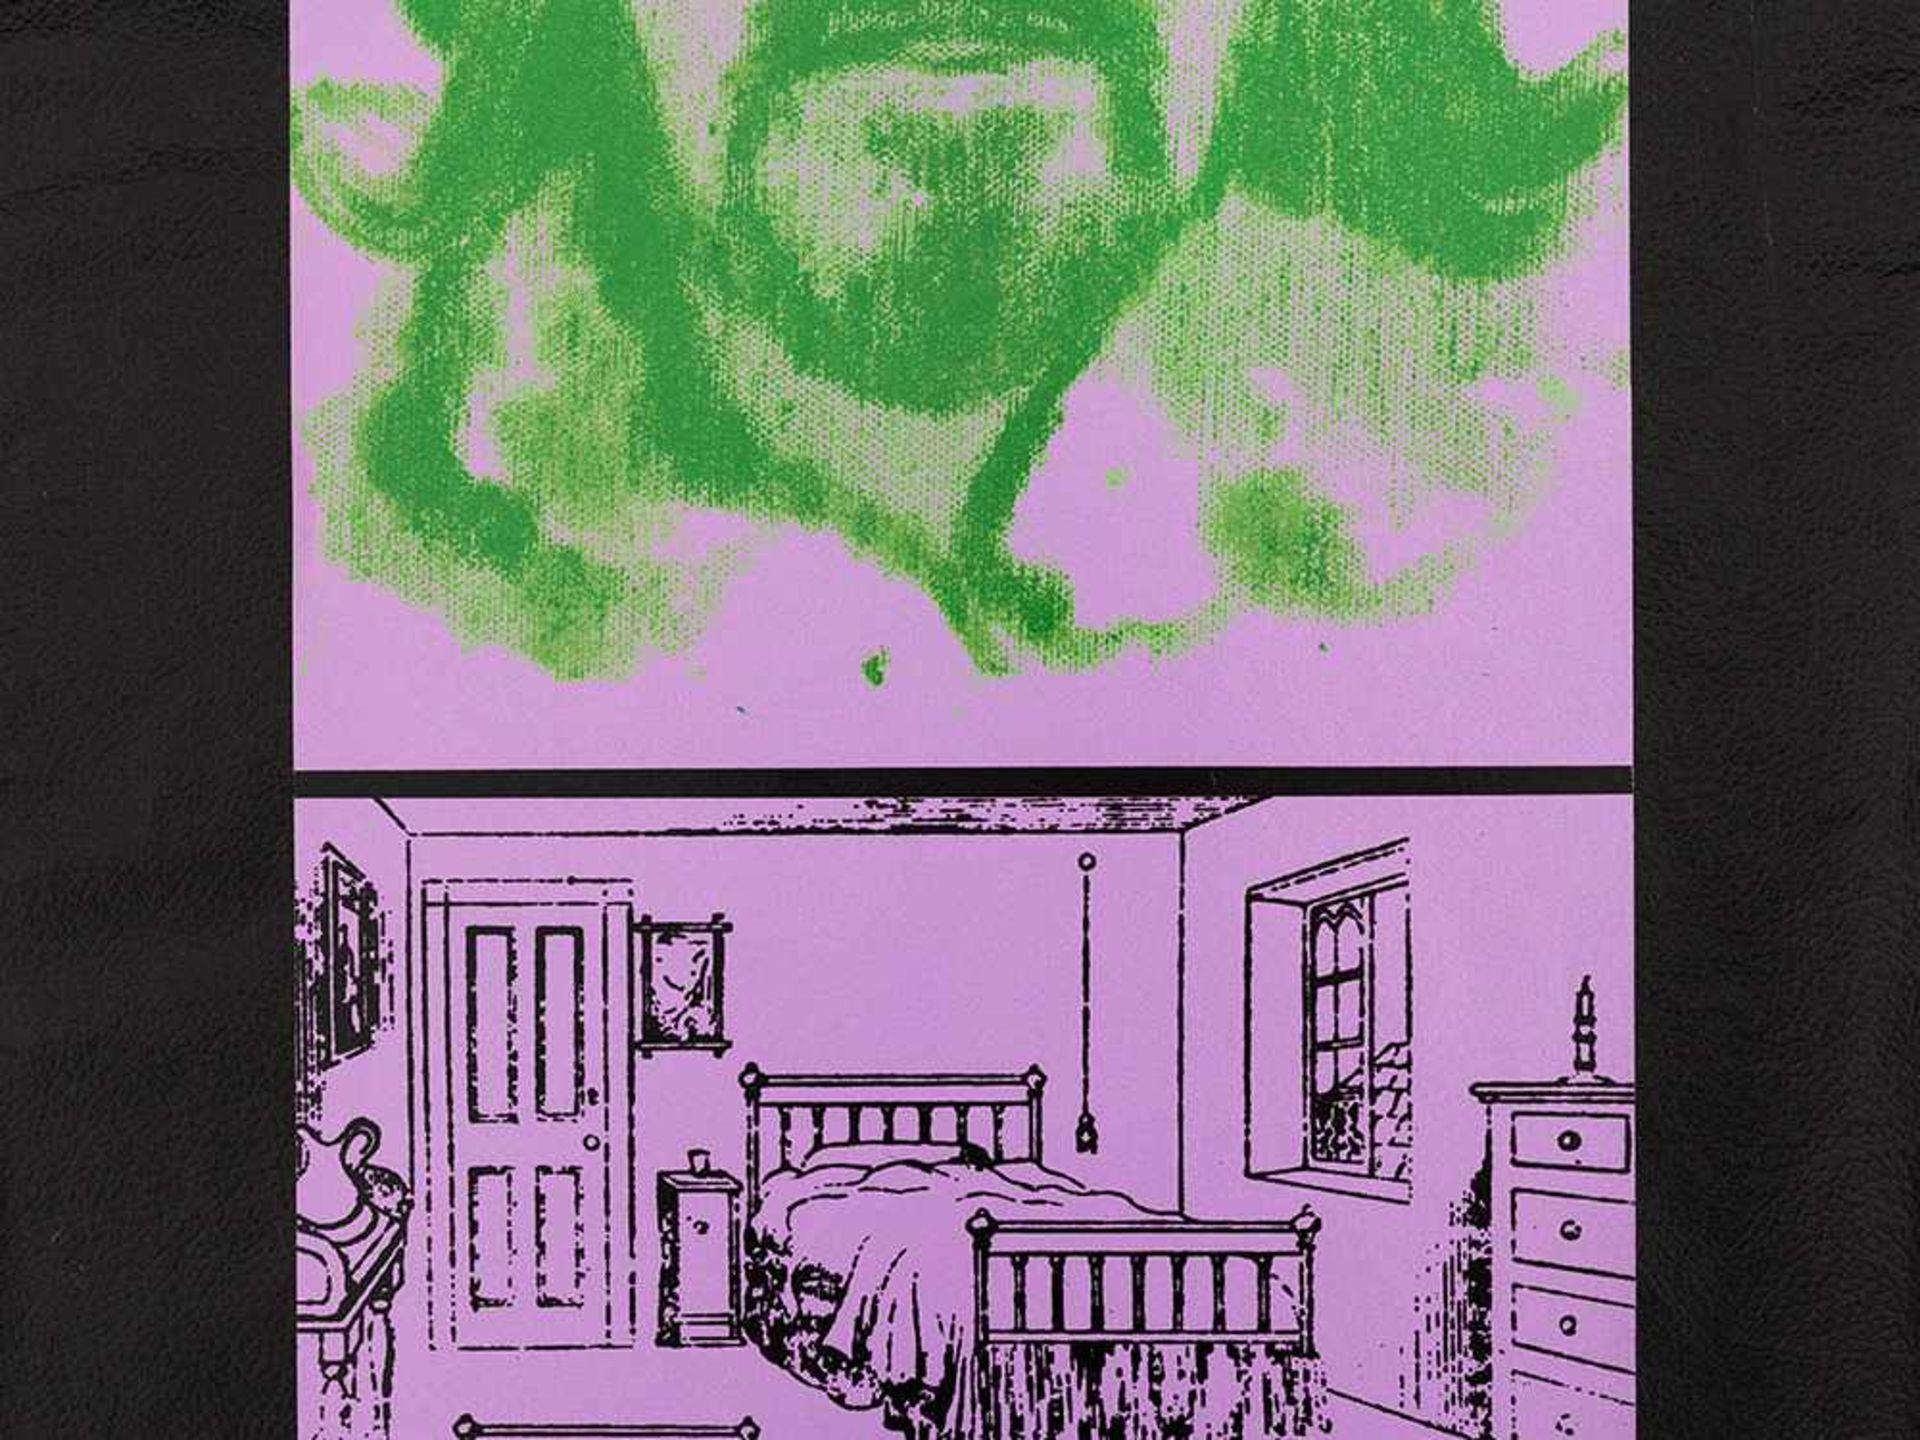 Los 77 - R. B. Kitaj, Hail Thee, Farbserigrafie/Collage, 1970 Farbserigrafie auf unterschiedlichen